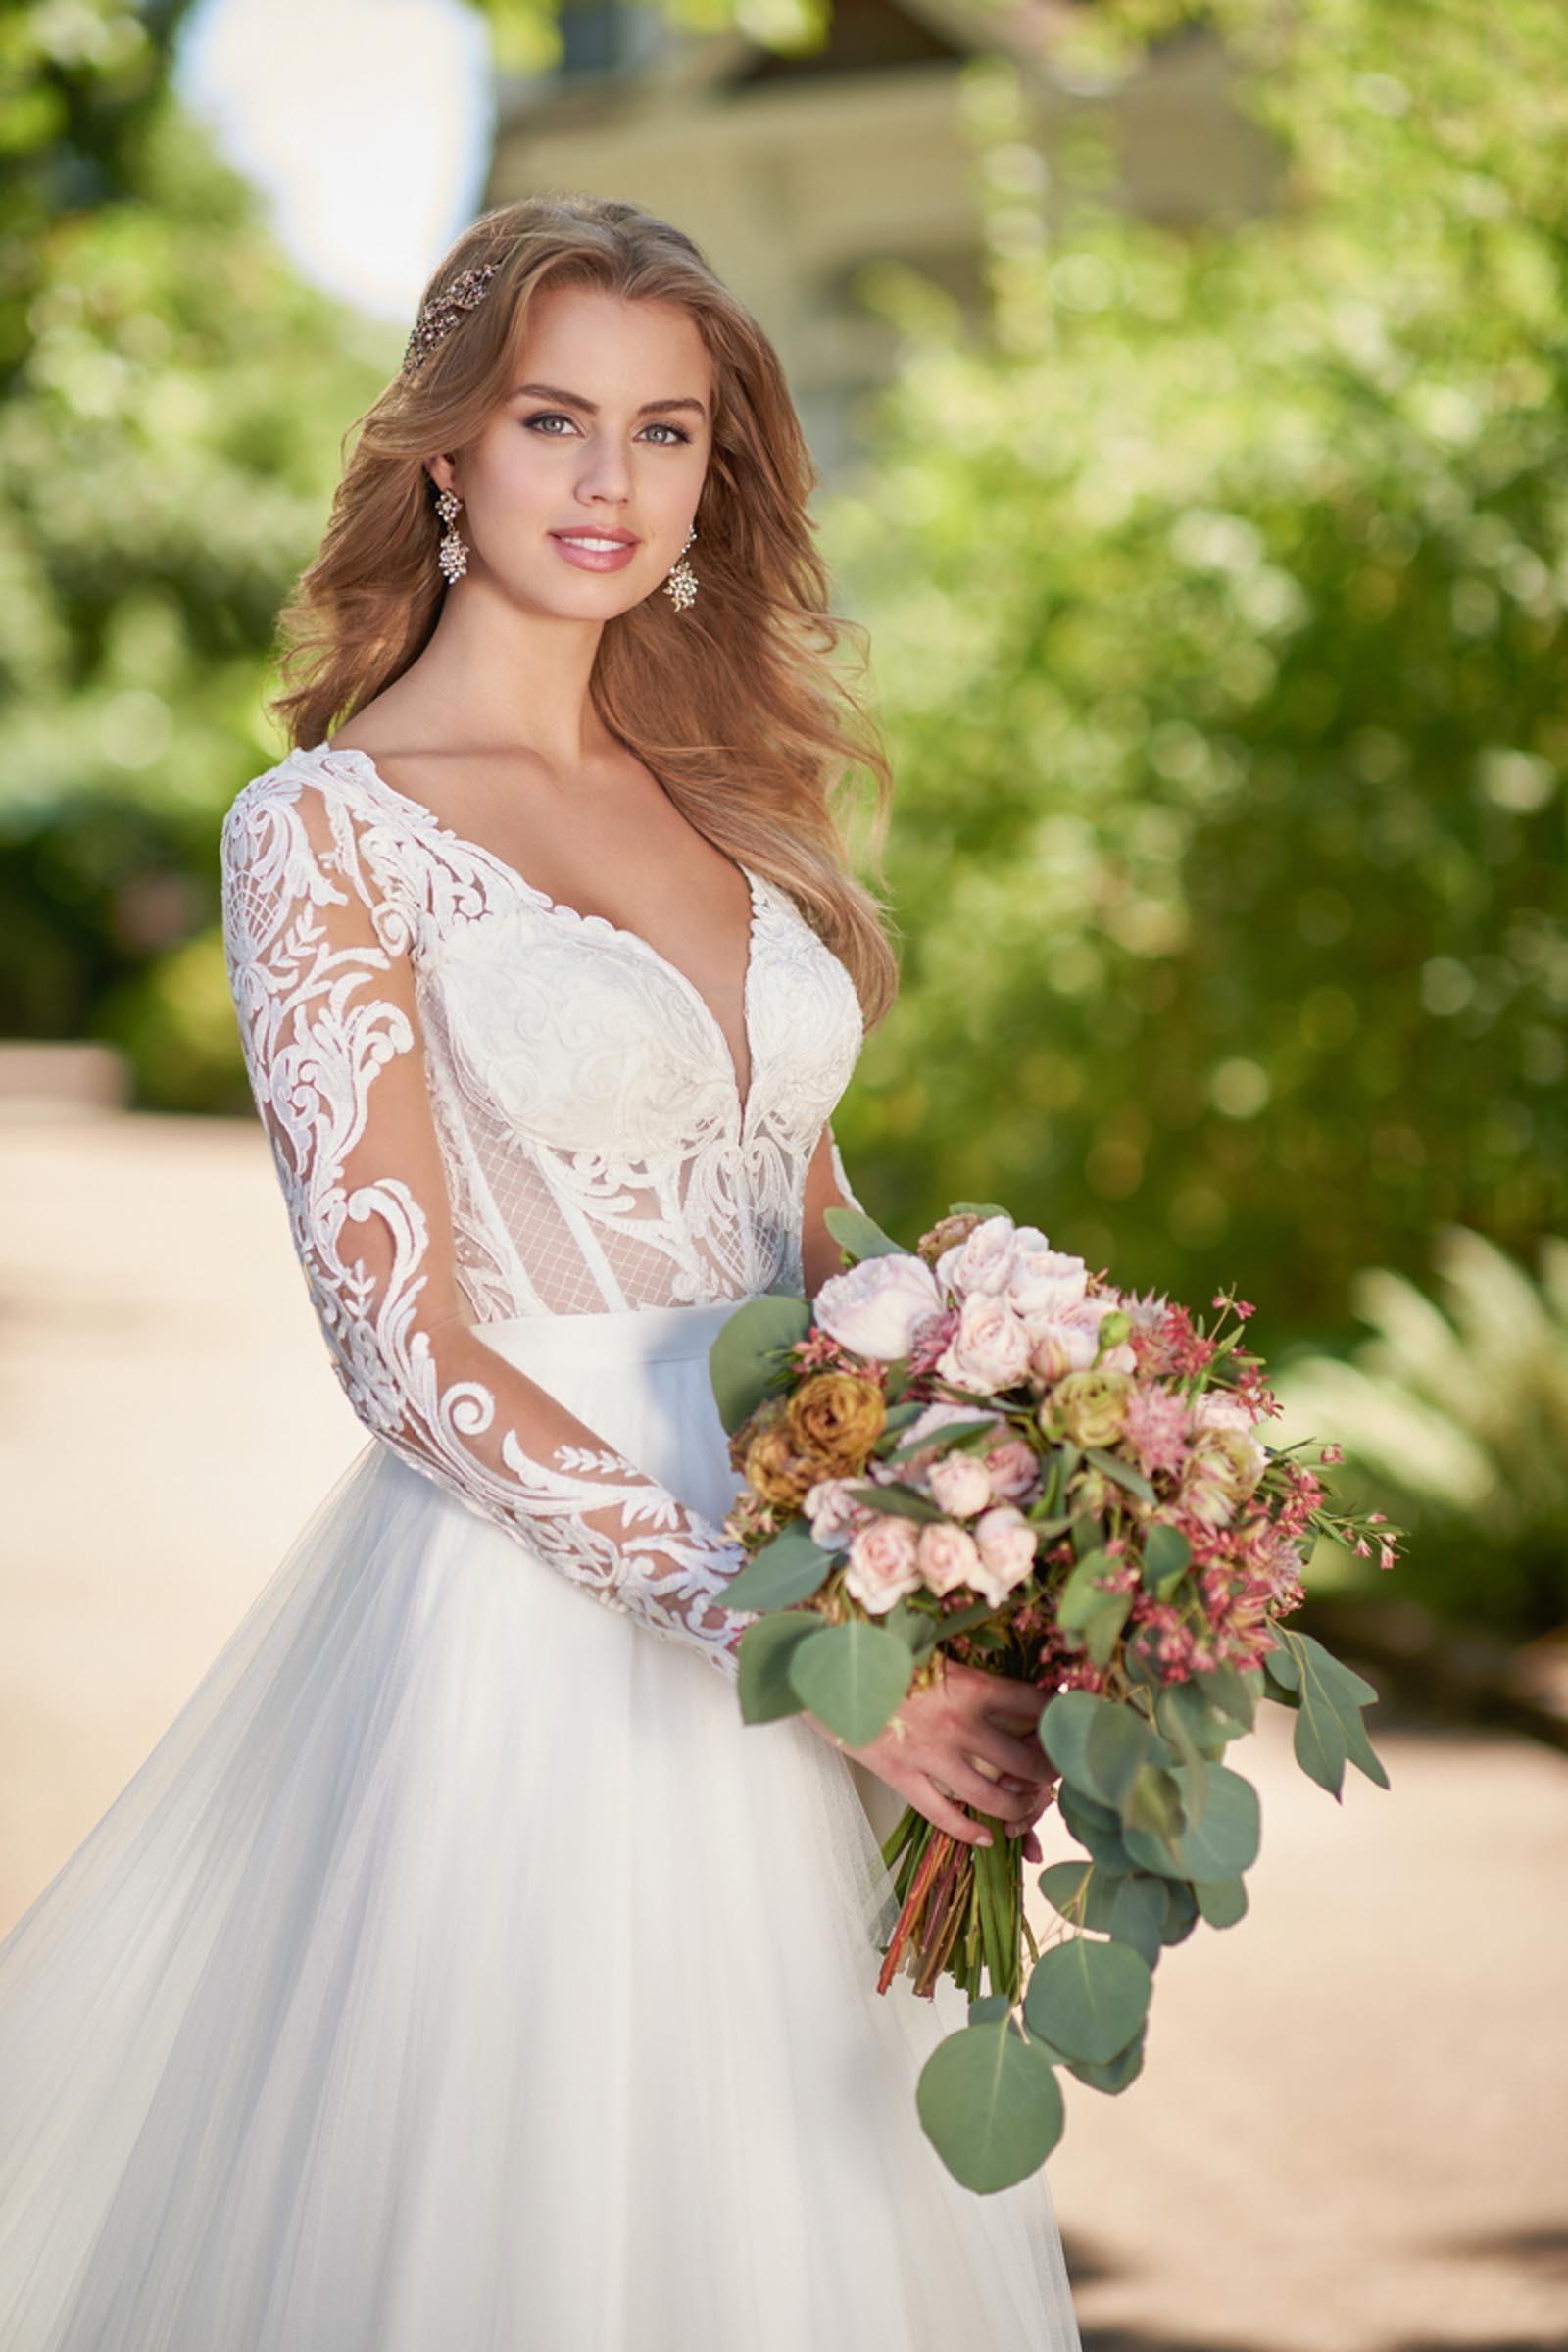 Braut-Outfit, bestehend aus transparenter Spitzenkorsage mit langen Spitzenärmeln und Tüllrock, von Martina Liana